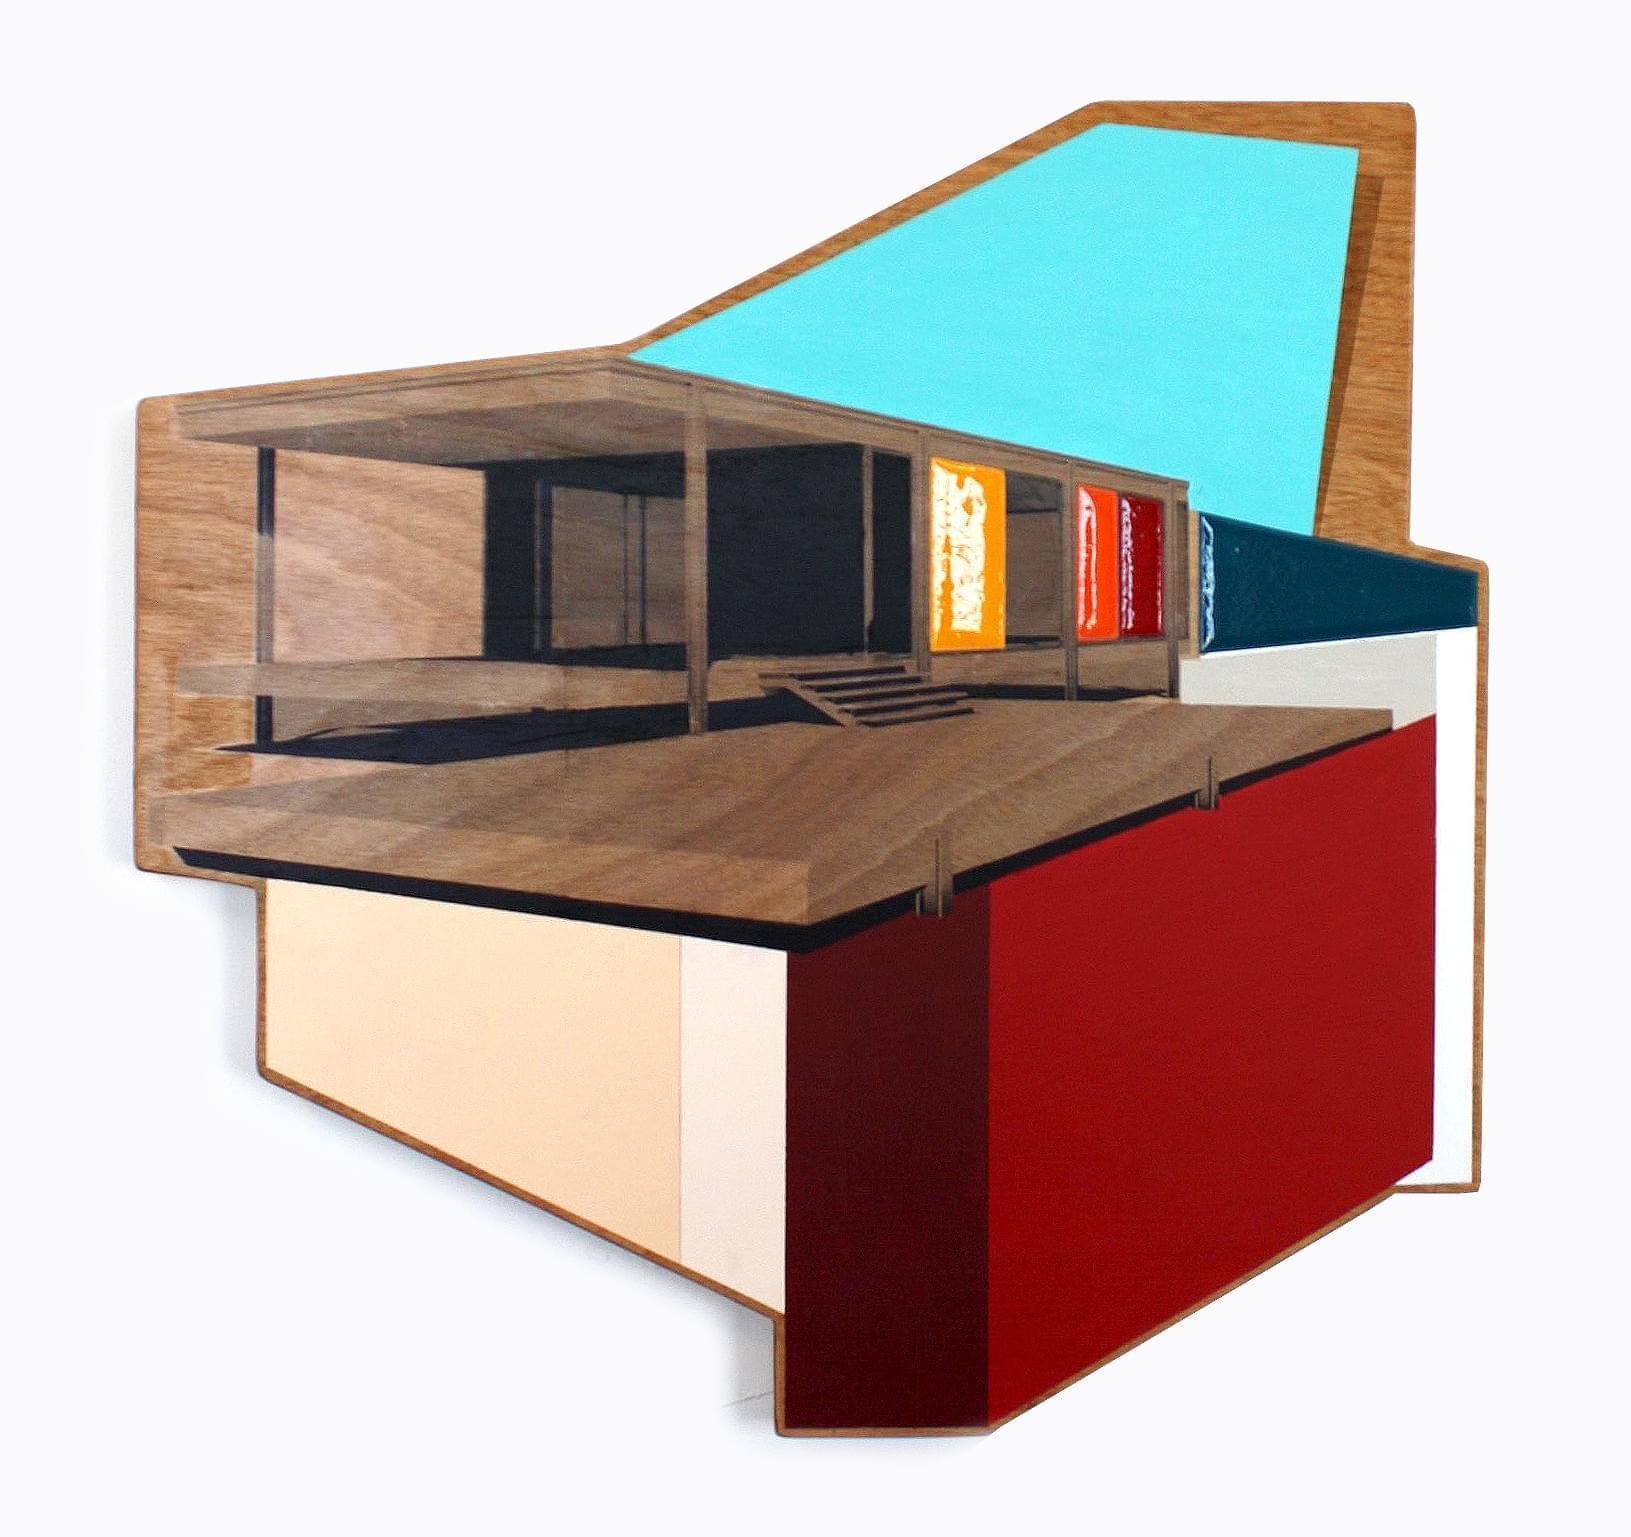 6. Modular VIII Técnica mixta sobre madera 65 x 65 cm 2018